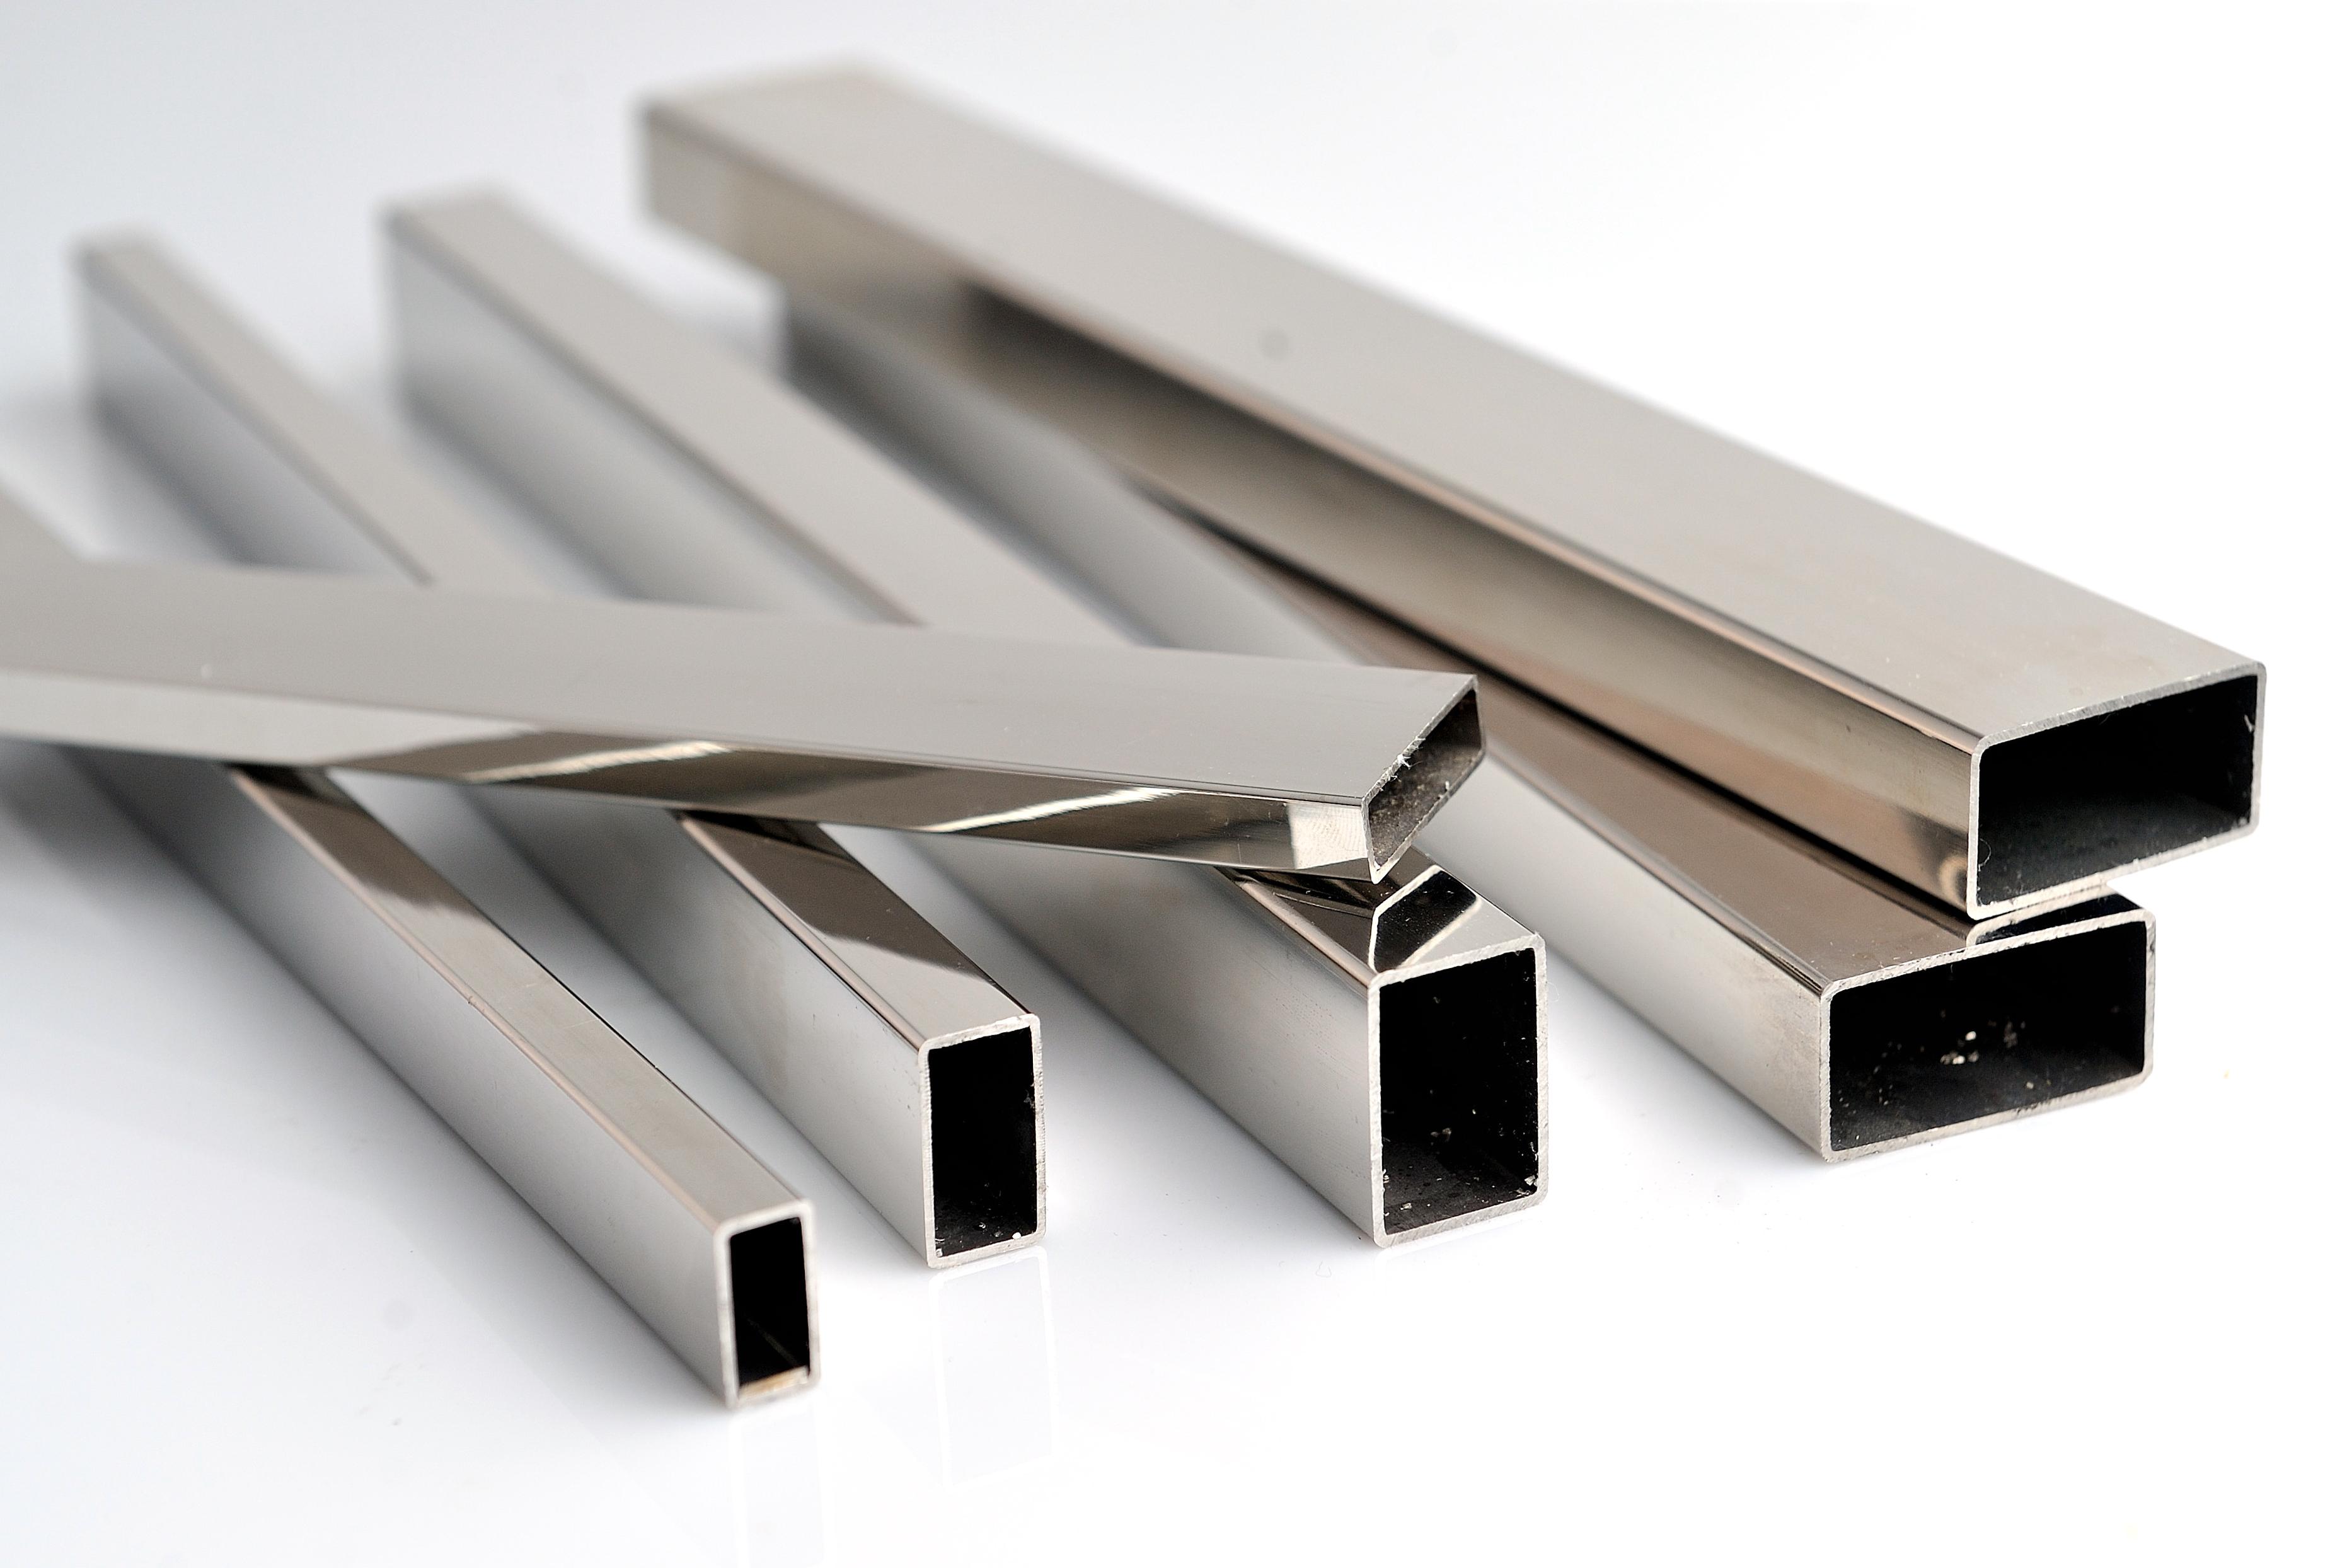 景鑫201不锈钢矩形管 现货批发不锈钢制品管 不锈钢金属制品管加工定制厂家直供